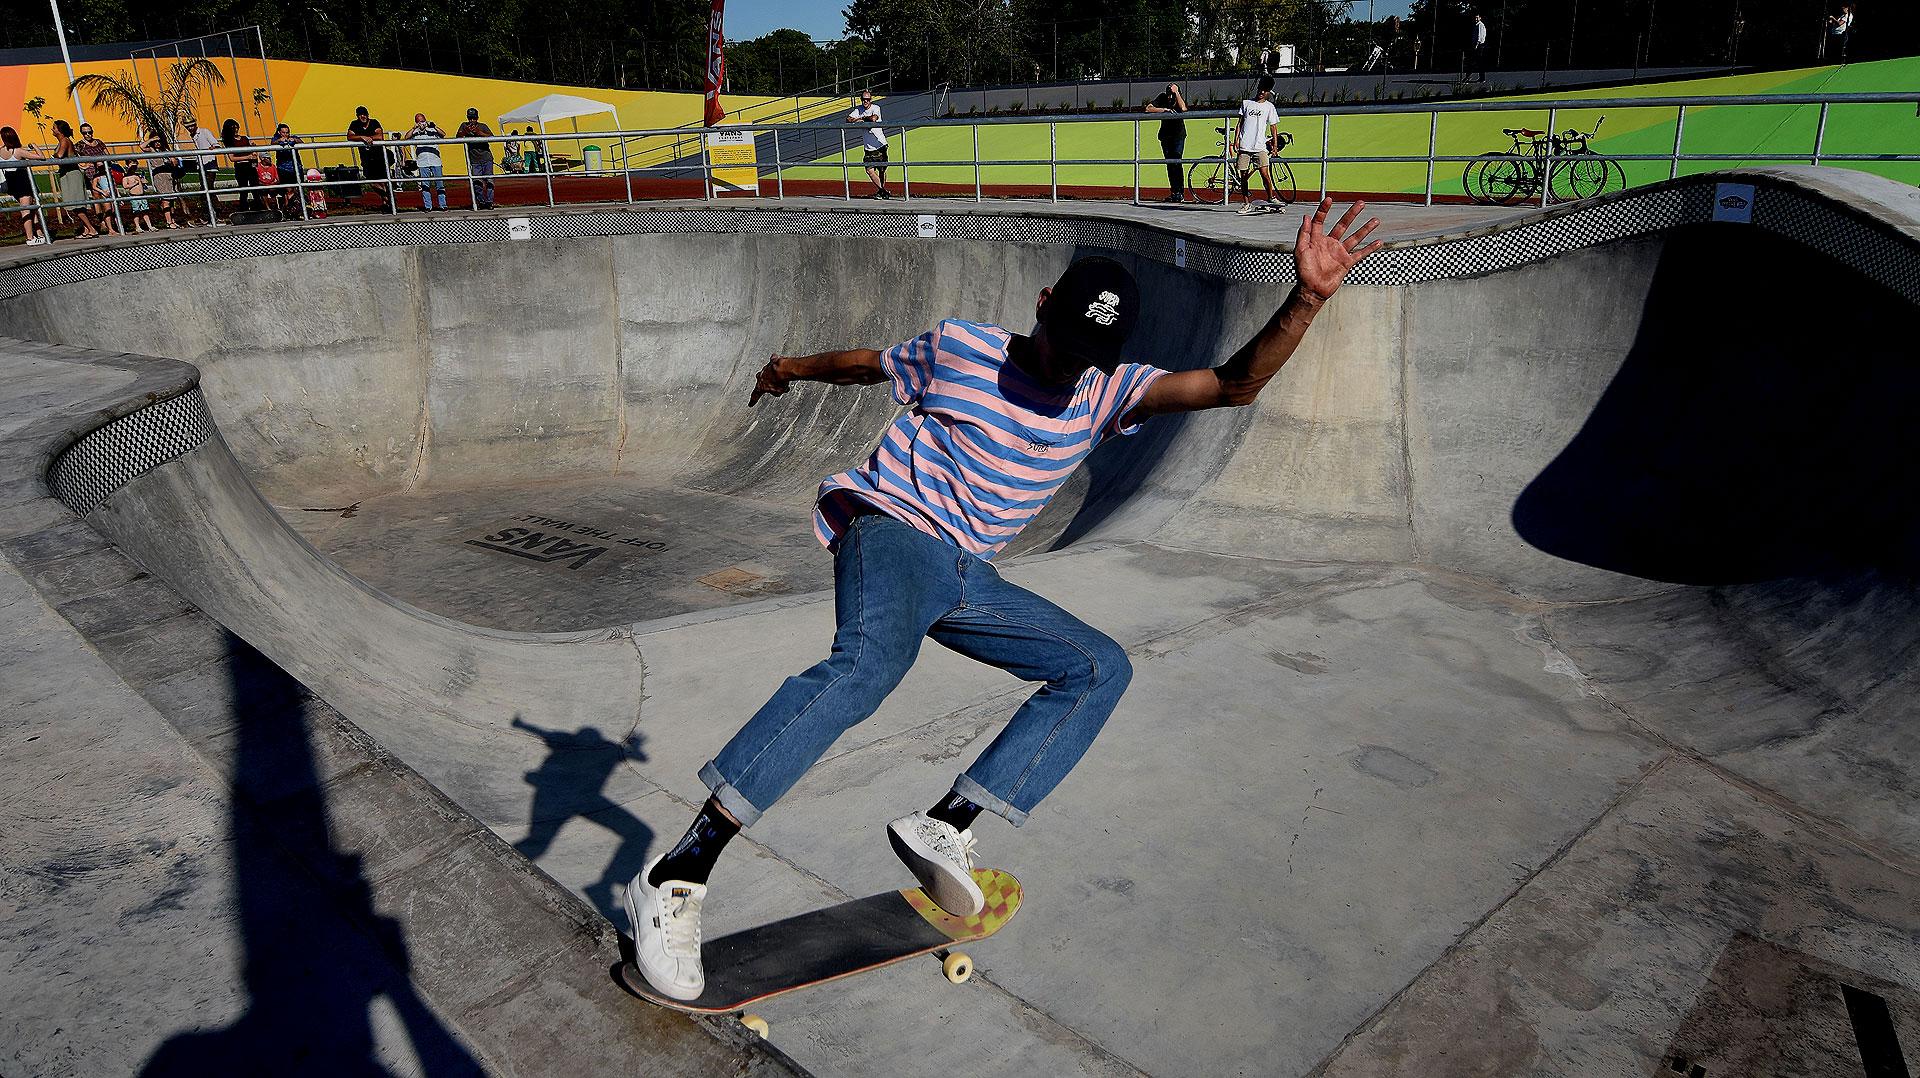 La pista de skate fue diseñada y construida por la firma Vans, que además la va a mantener para la Ciudad a través de un sistema de padrinazgo